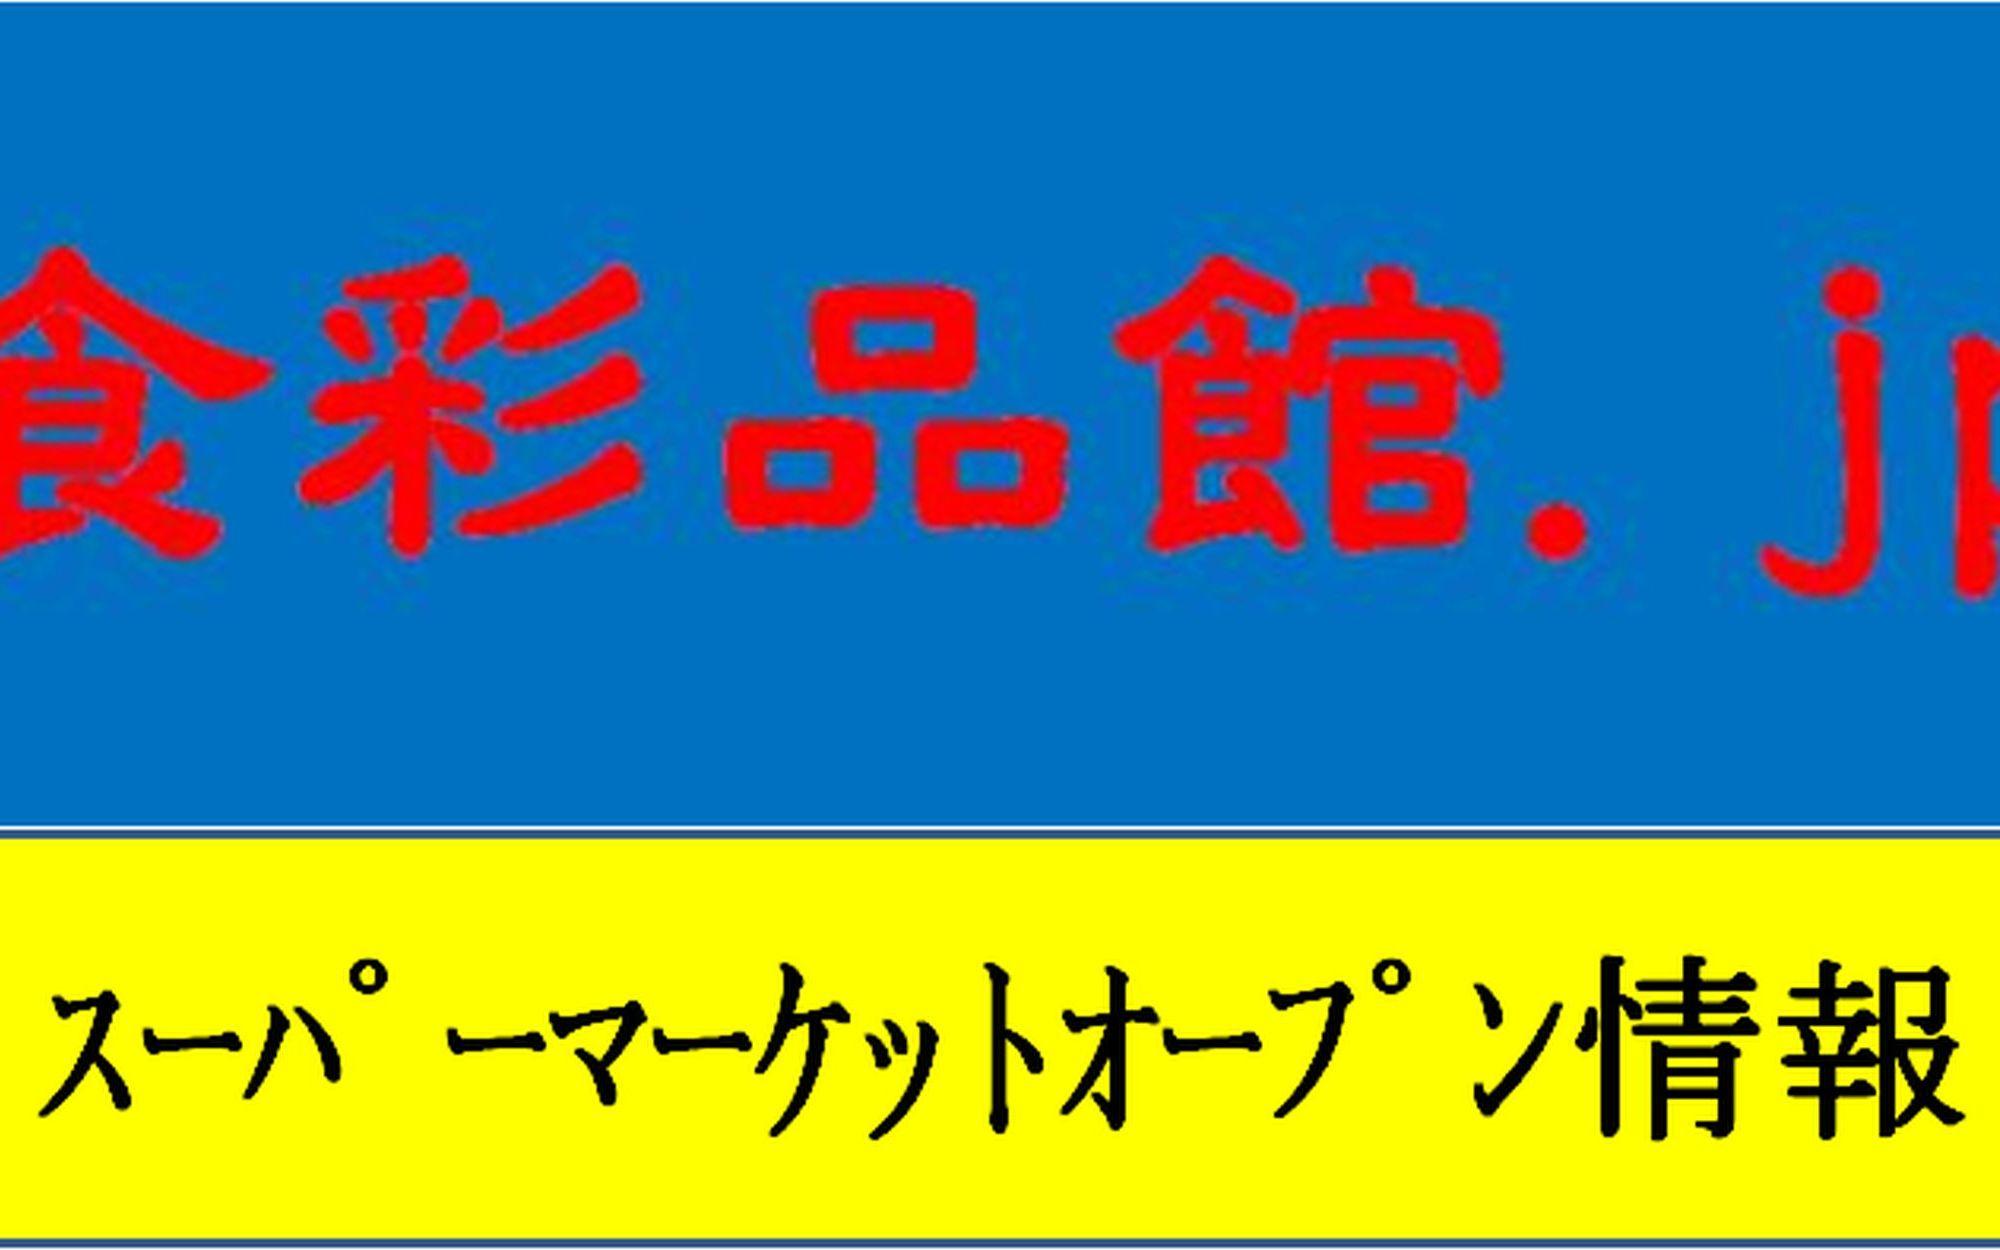 ピカソこんぴら街道店(ミワ商店,香川県丸亀市) 2021年1月26日オープン予定で大店立地届出